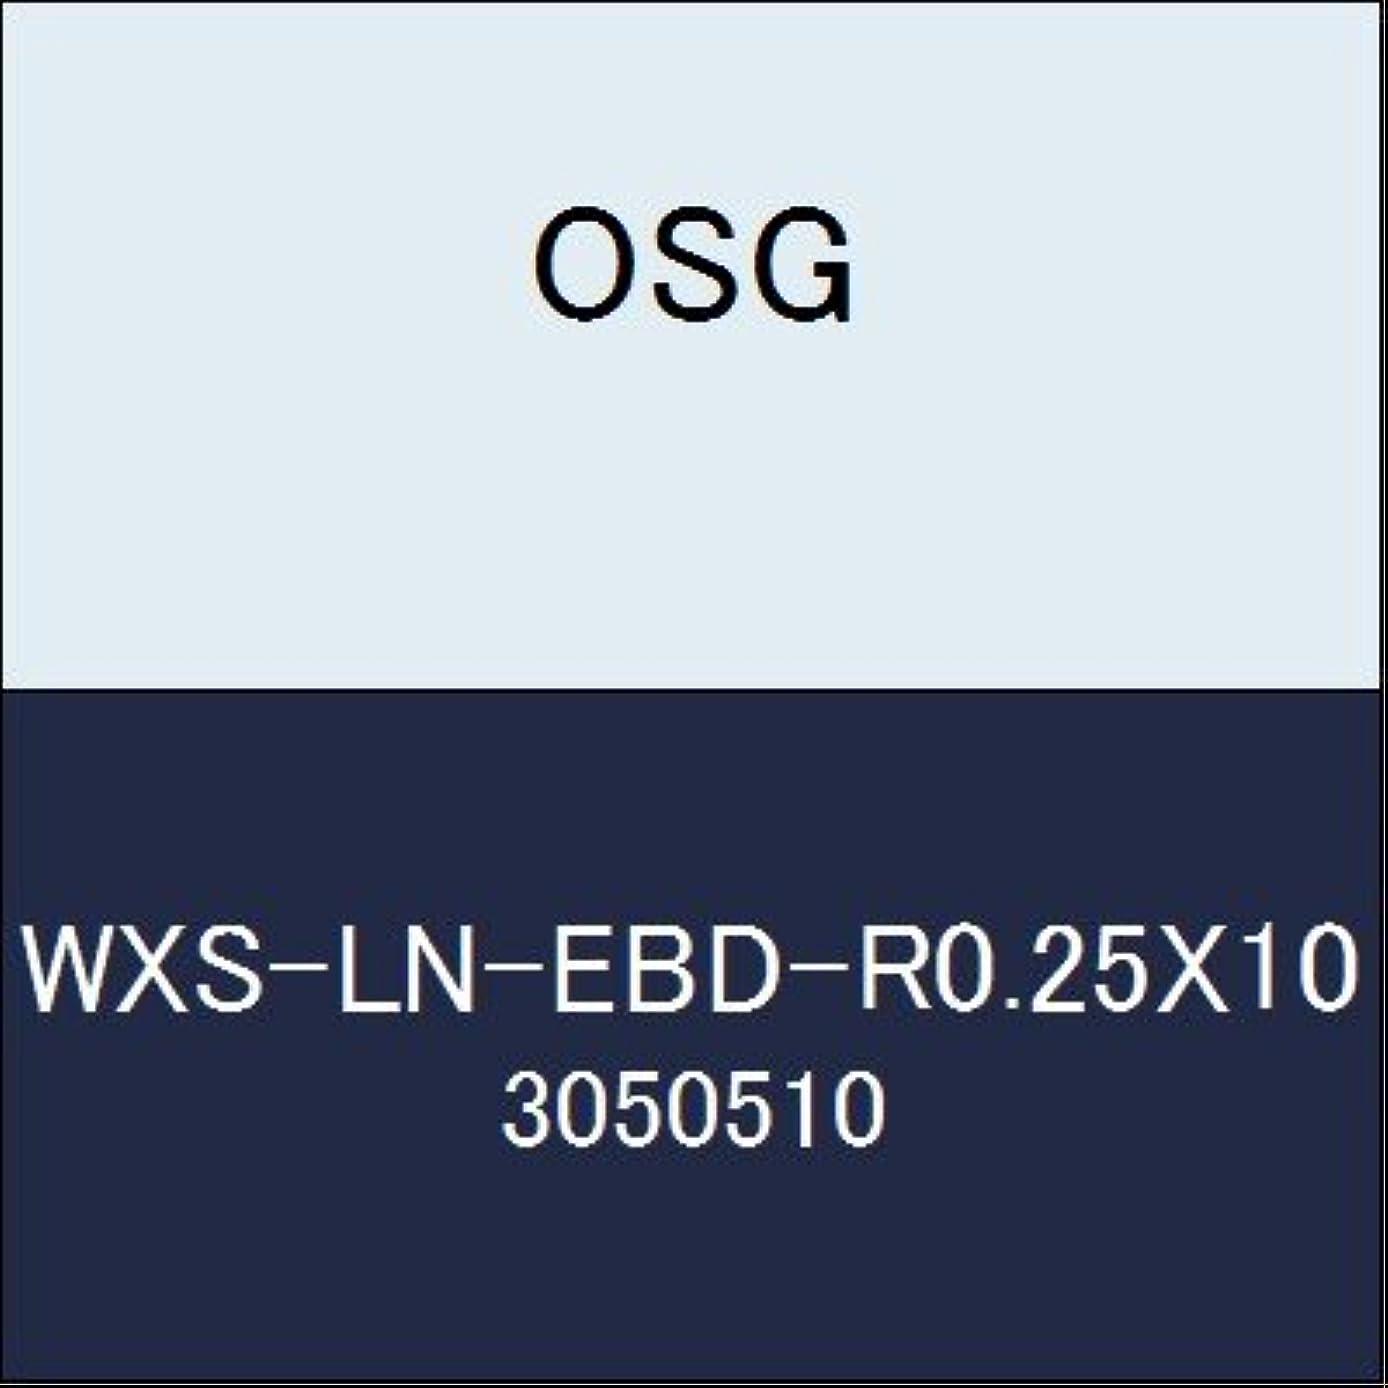 最愛のささいな腫瘍OSG エンドミル WXS-LN-EBD-R0.25X10 商品番号 3050510